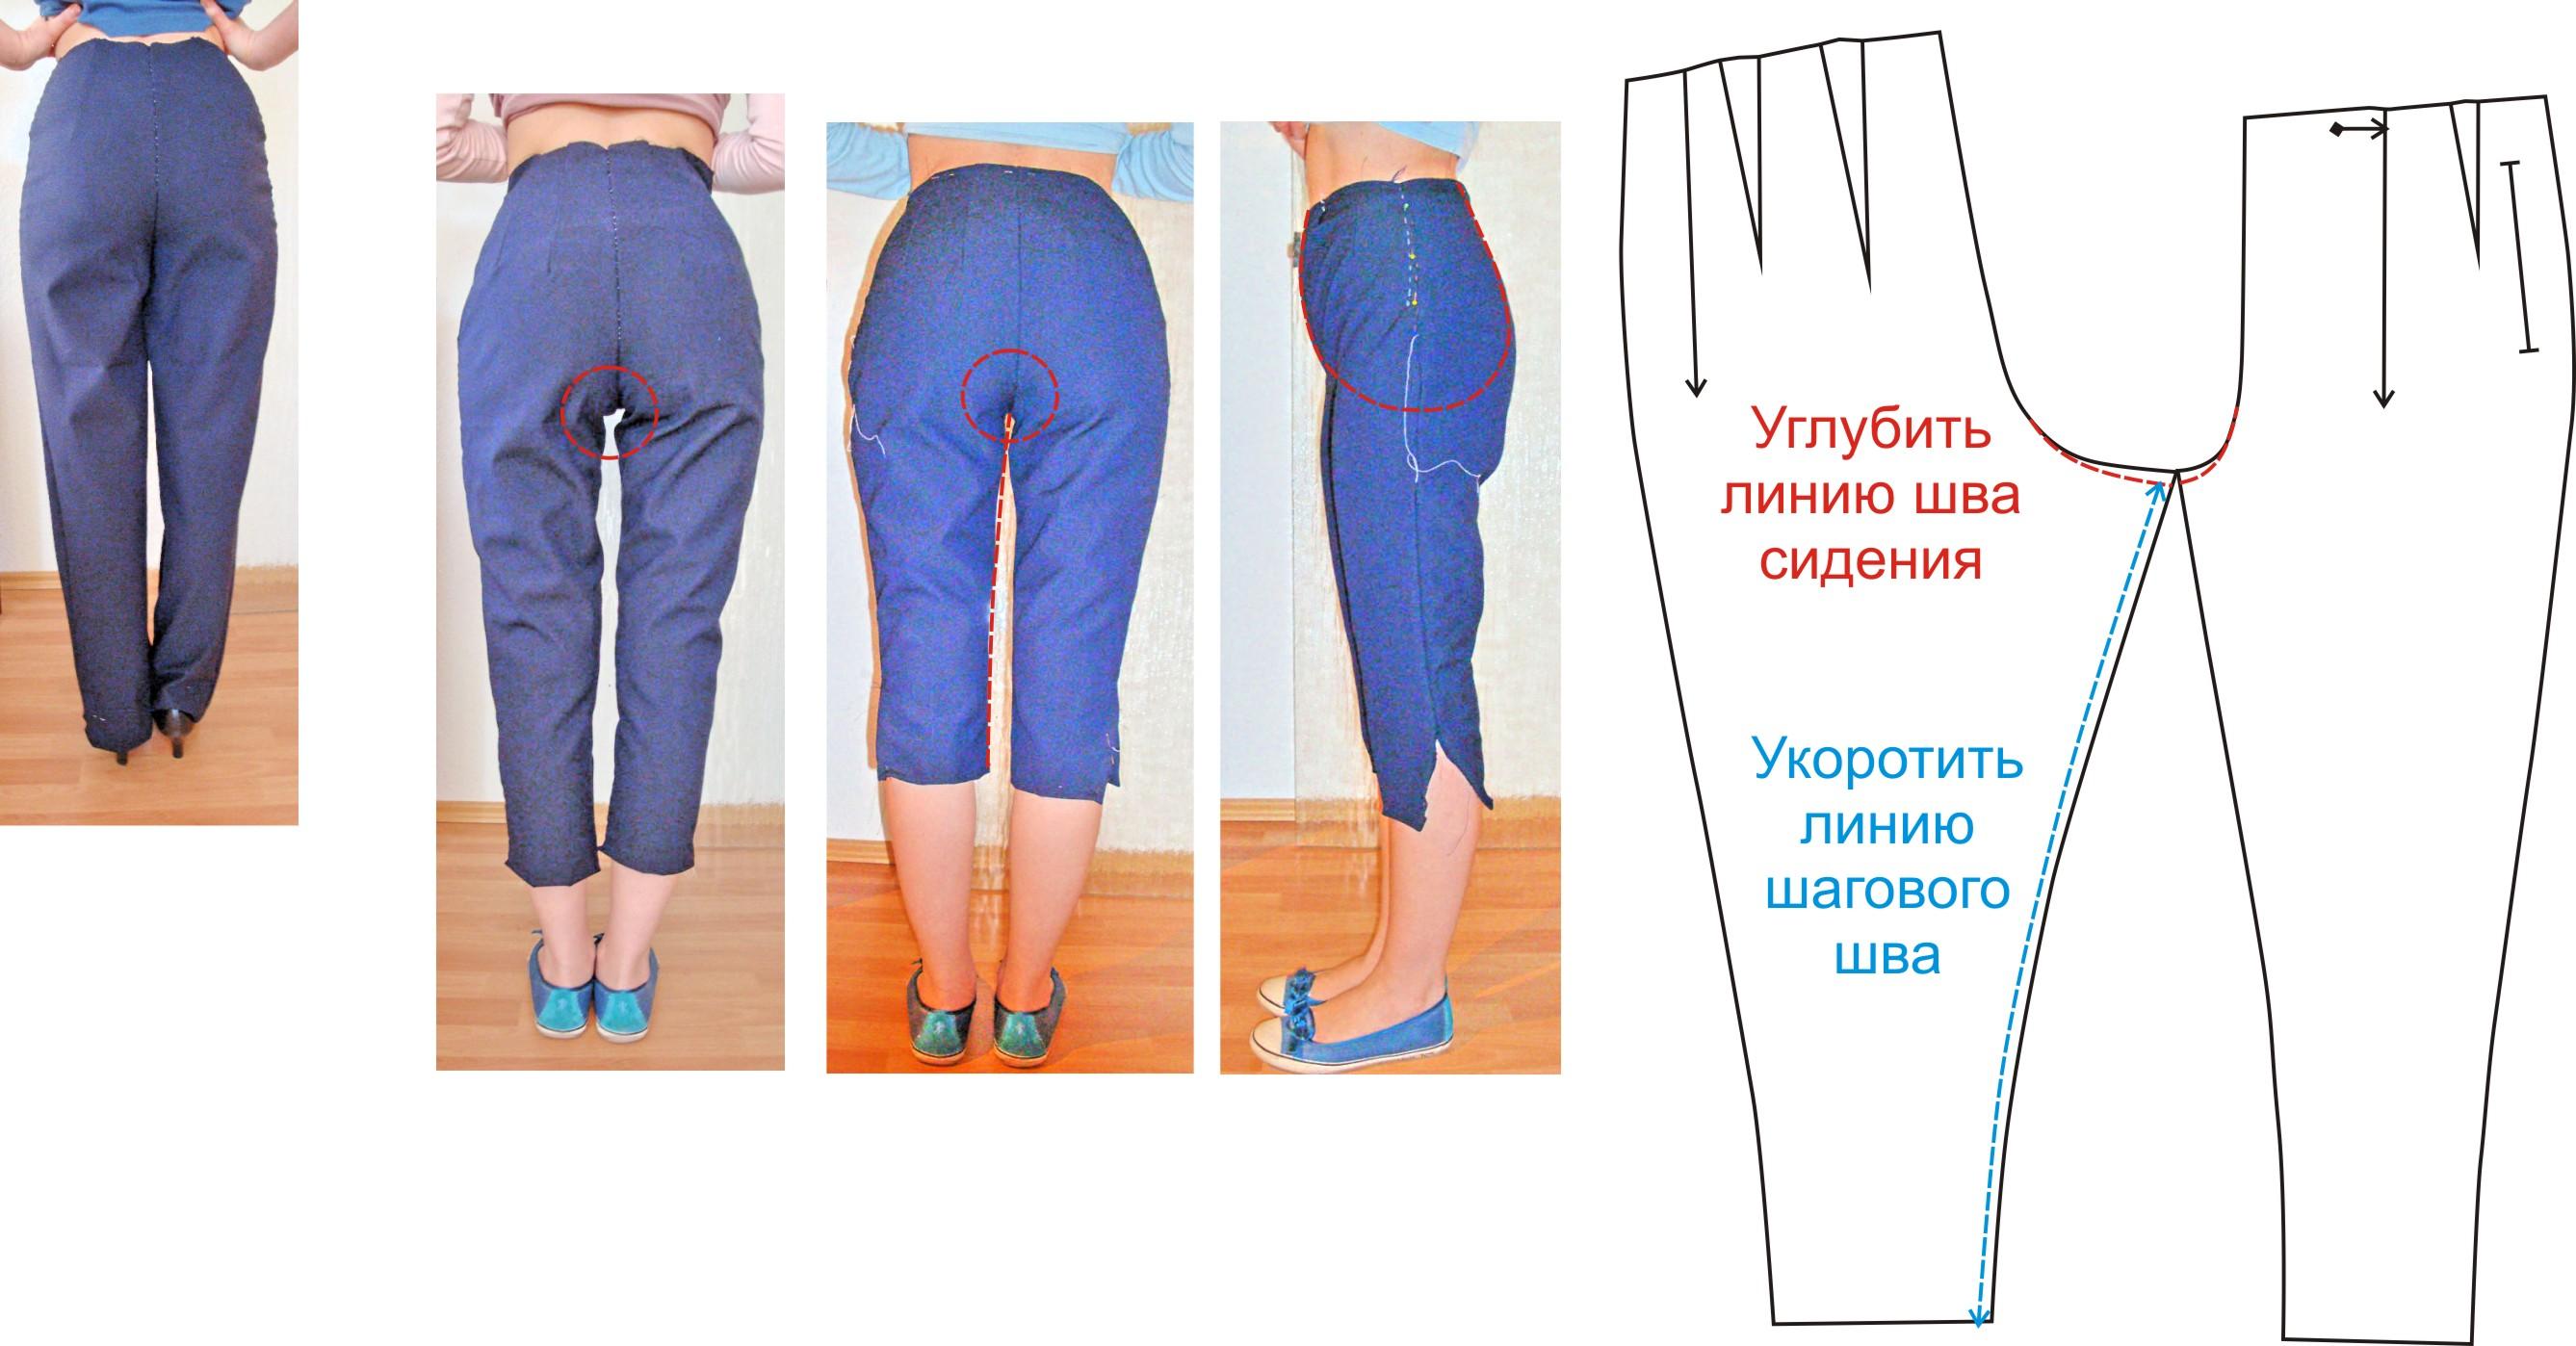 Если брюки тянут в шаговом шве